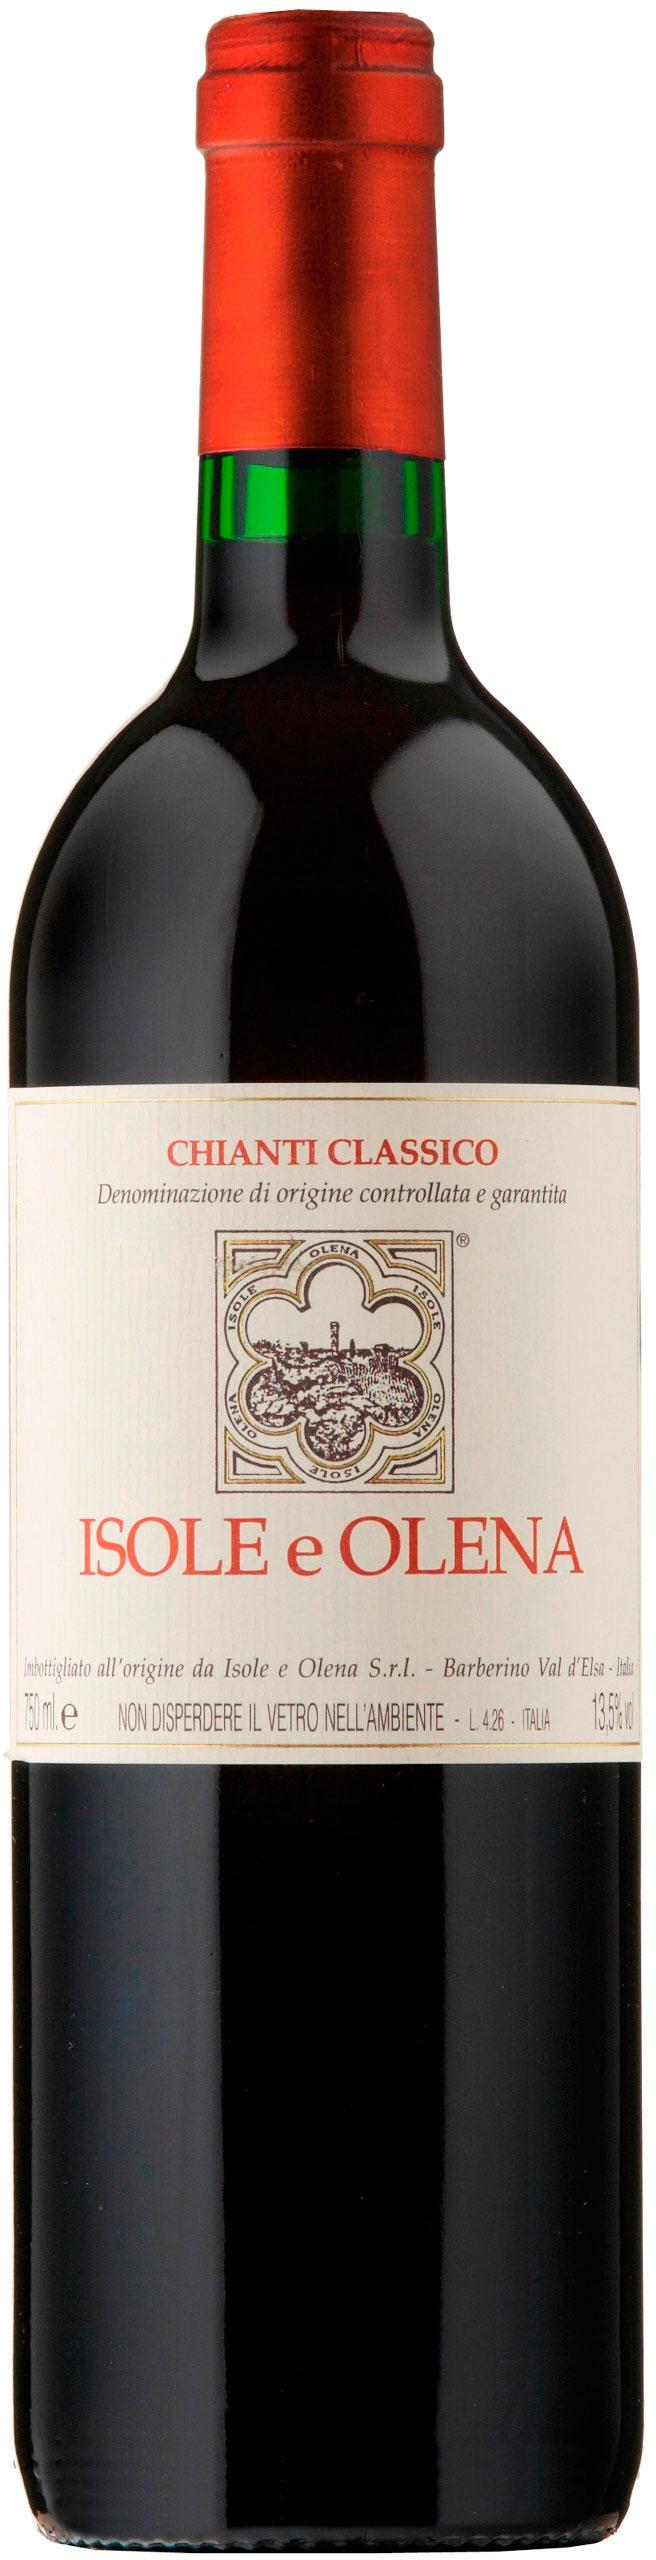 Chianti Classico ( Isole E Olena ) 2003